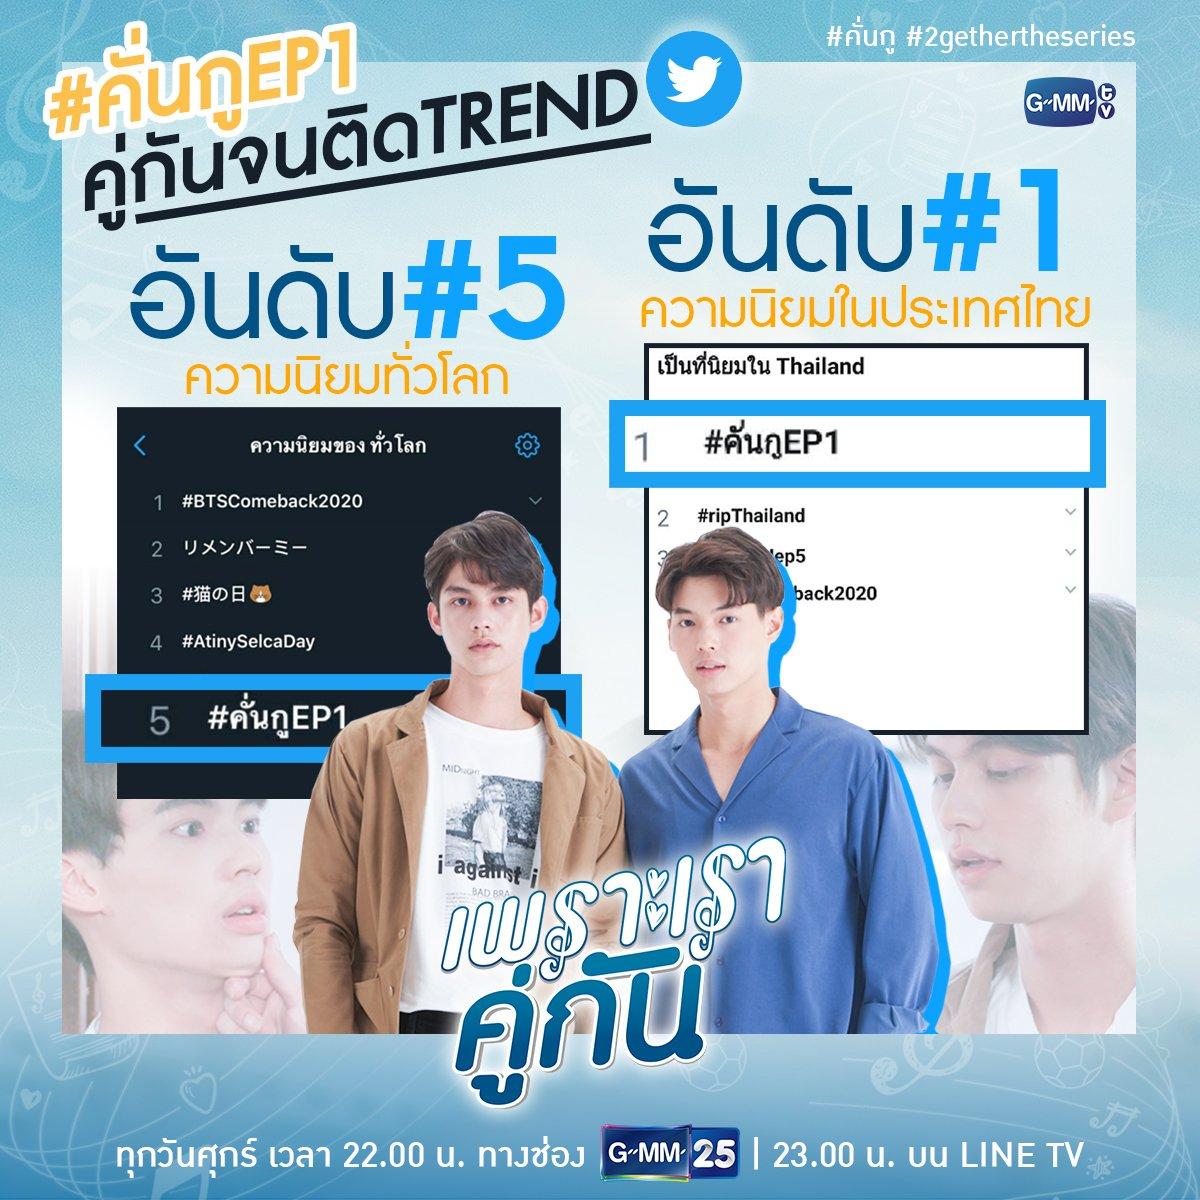 """🙏คู่กันจนติด Trend Twitter ปังมากแม่ - Worldwide Trend #5 😍 - Thailand Trend #1 🥰  """"เพราะเราคู่กัน 2gether The Series"""" EP.1 ดูได้ที่นี่จ้า 👉   #คั่นกูEP1 #คั่นกู #2getherTheSeries  #GMMTV"""